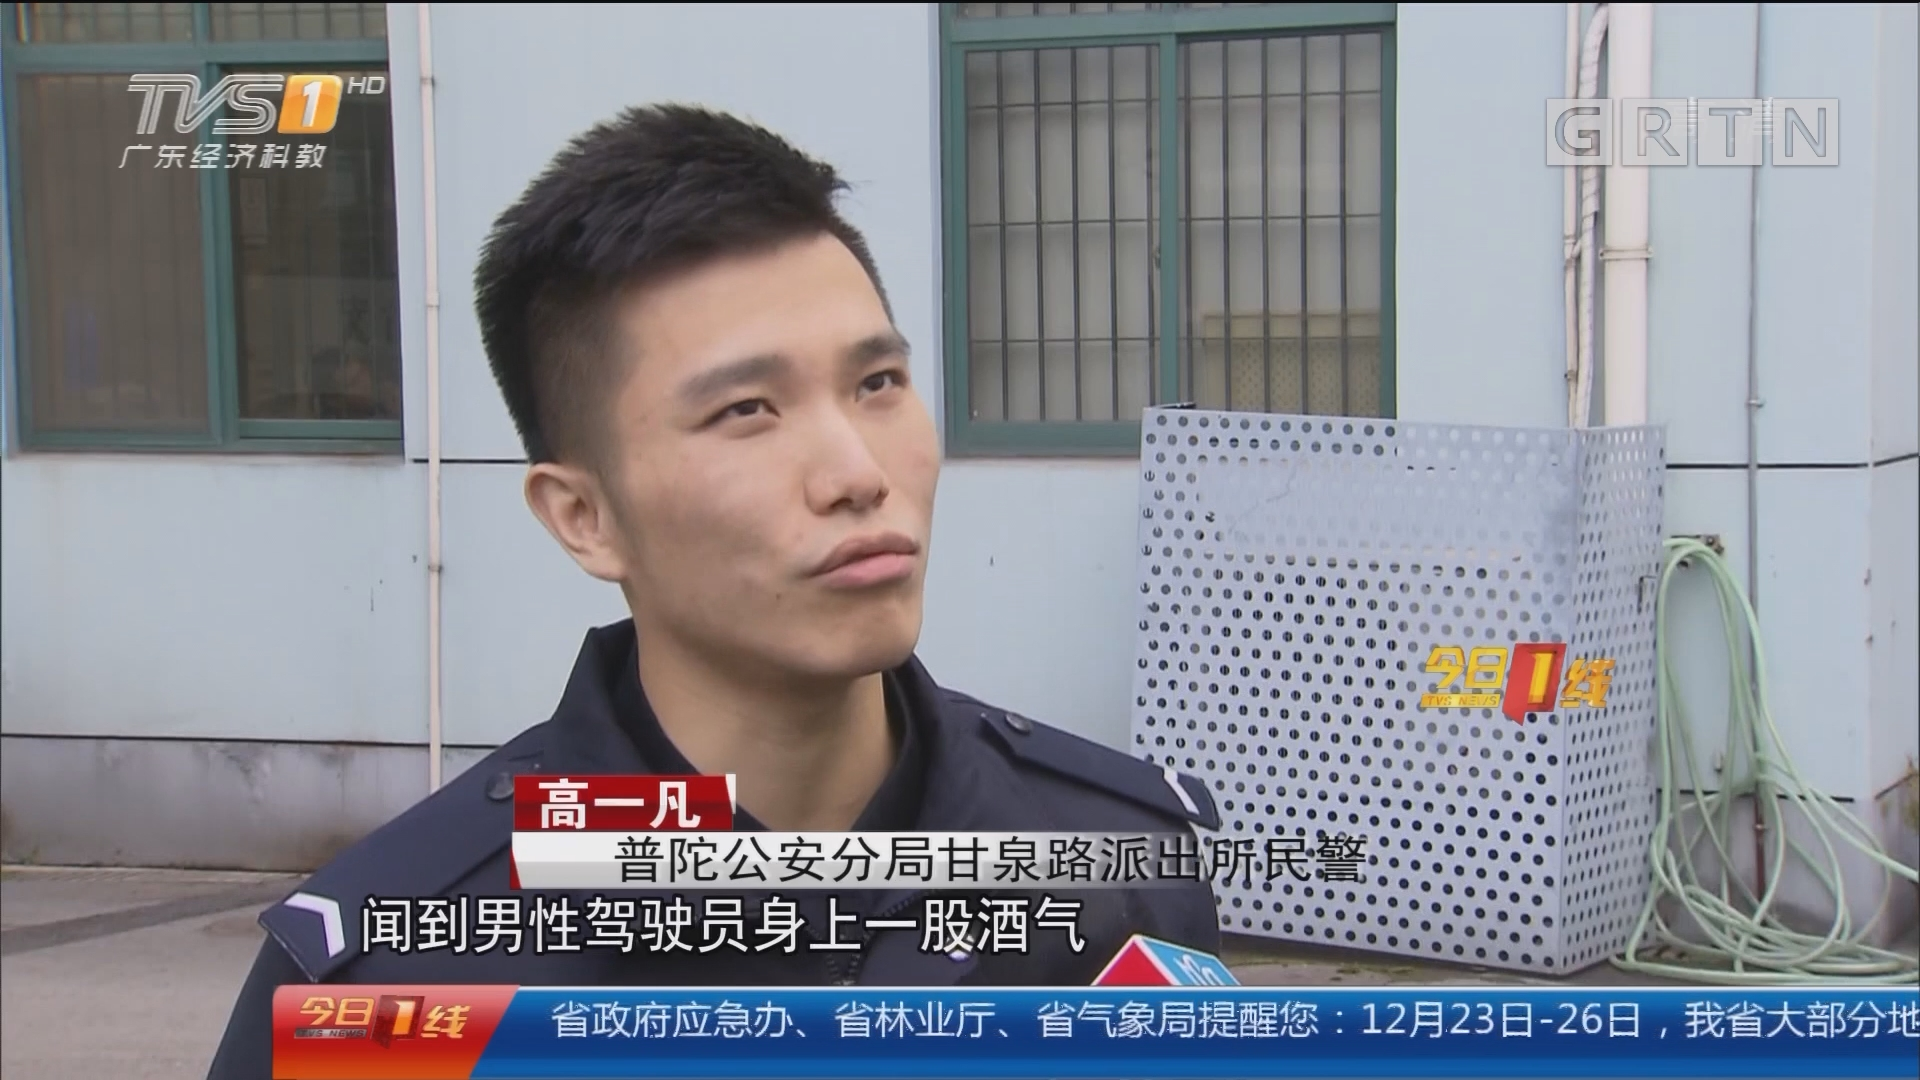 上海:借酒闹事掌掴民警 刑事拘留!